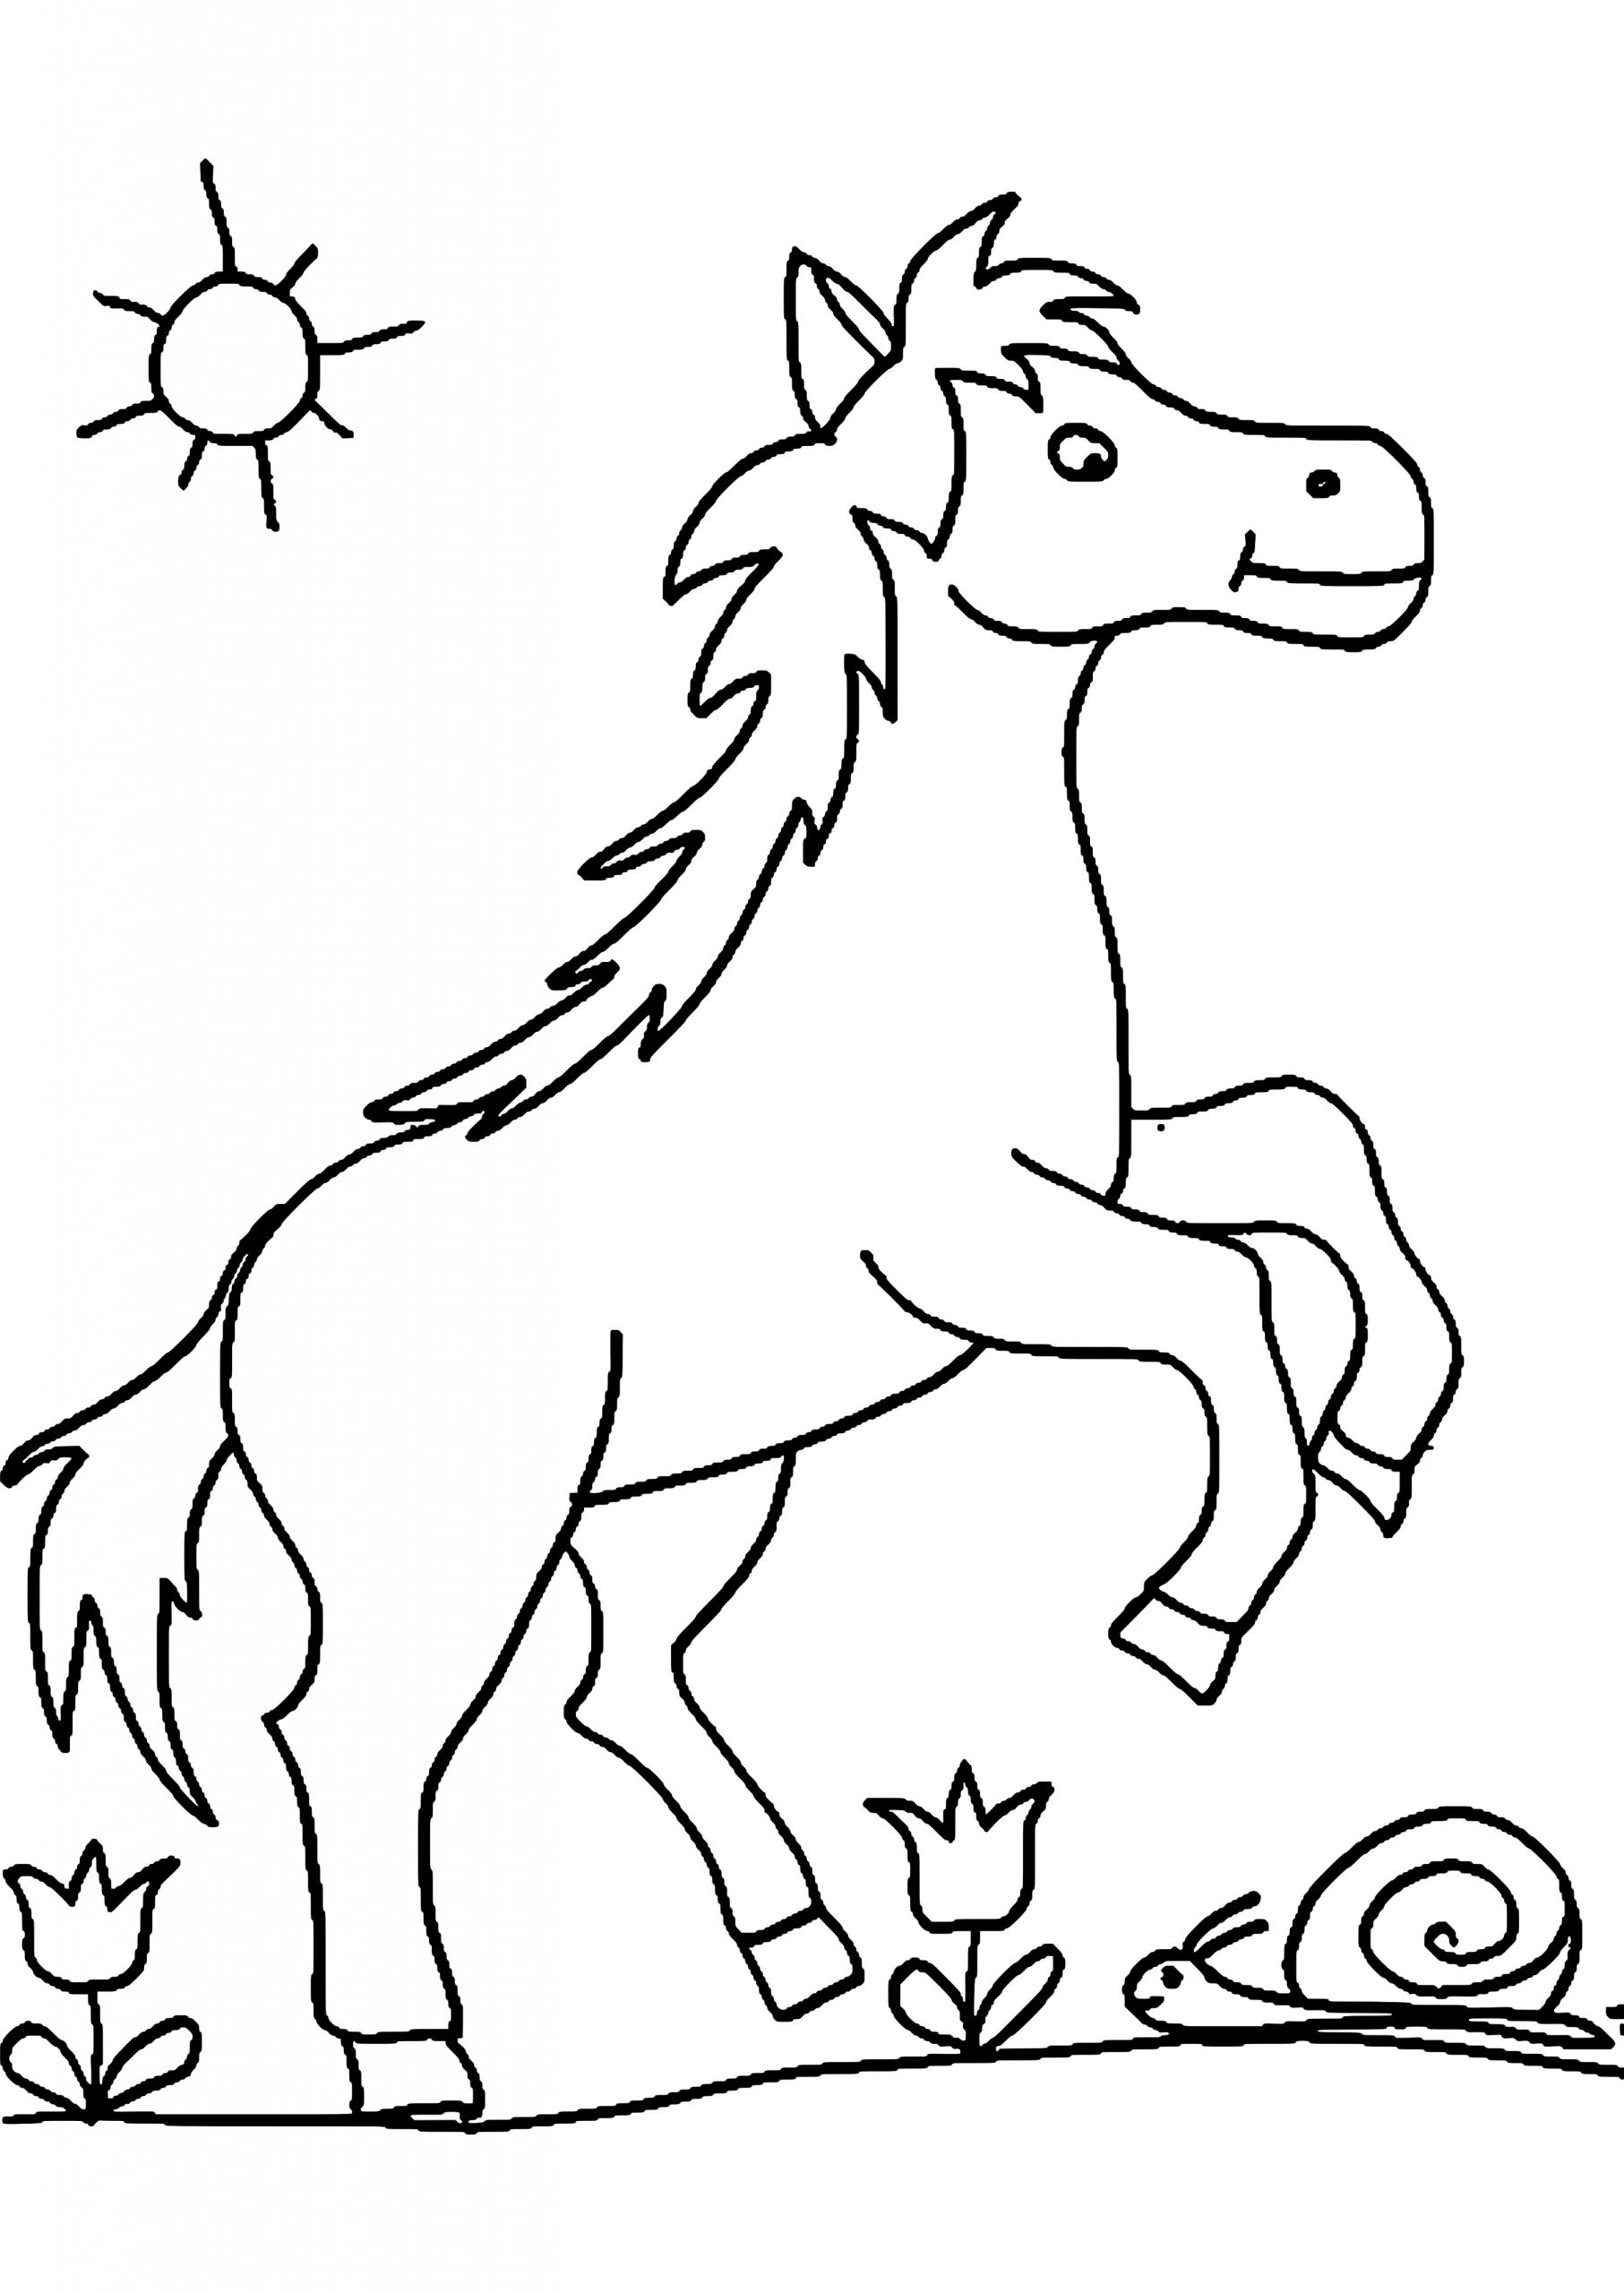 Ausmalbilder Pferde Im Schnee   Pferde Bilder Zum Ausmalen bei Ausmalbilder Pferde Und Ponys